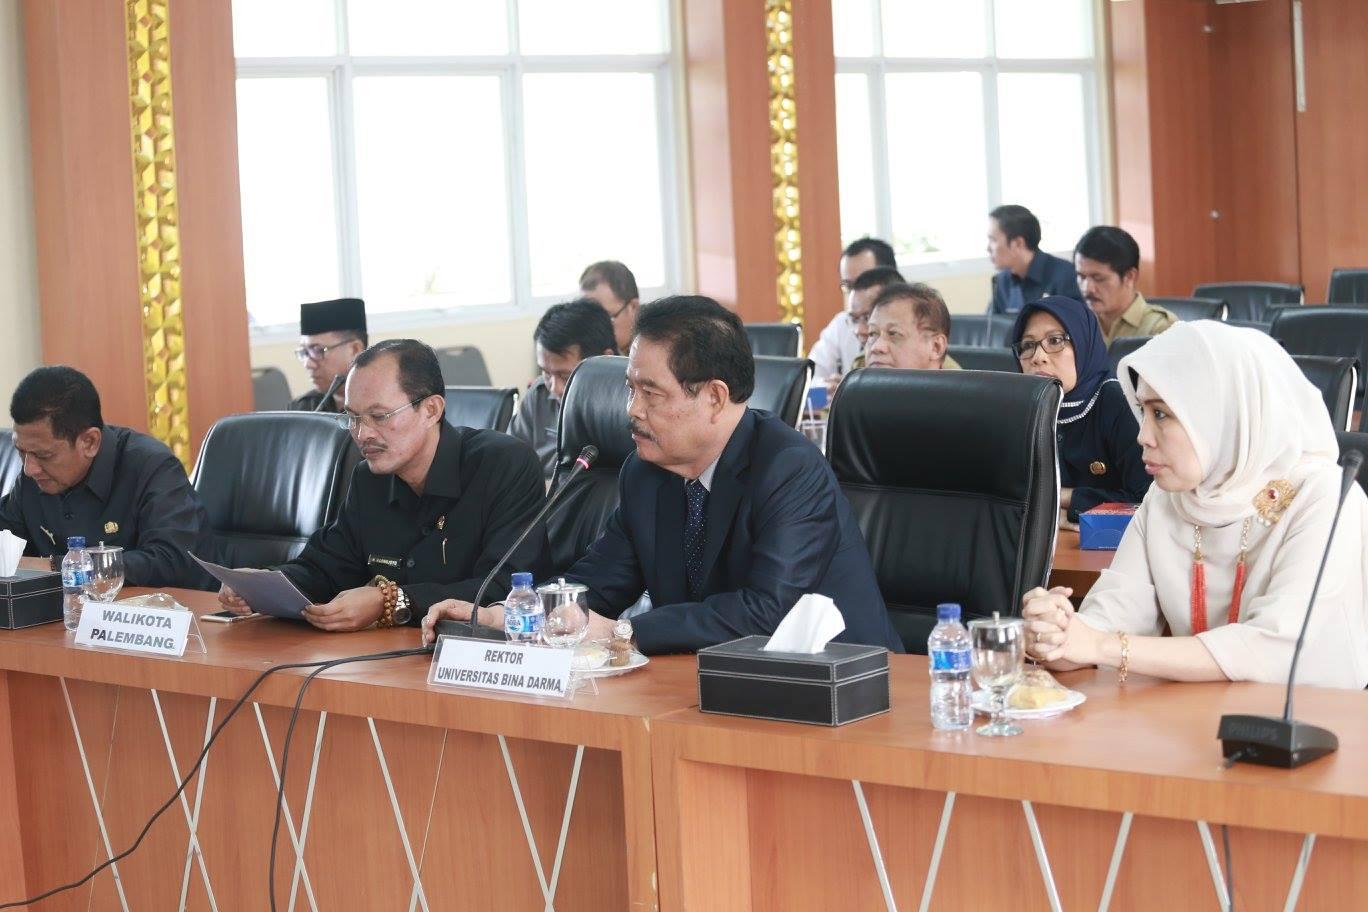 Universitas Bina Darma siap mendukung Program Pemerintah Kota Palembang